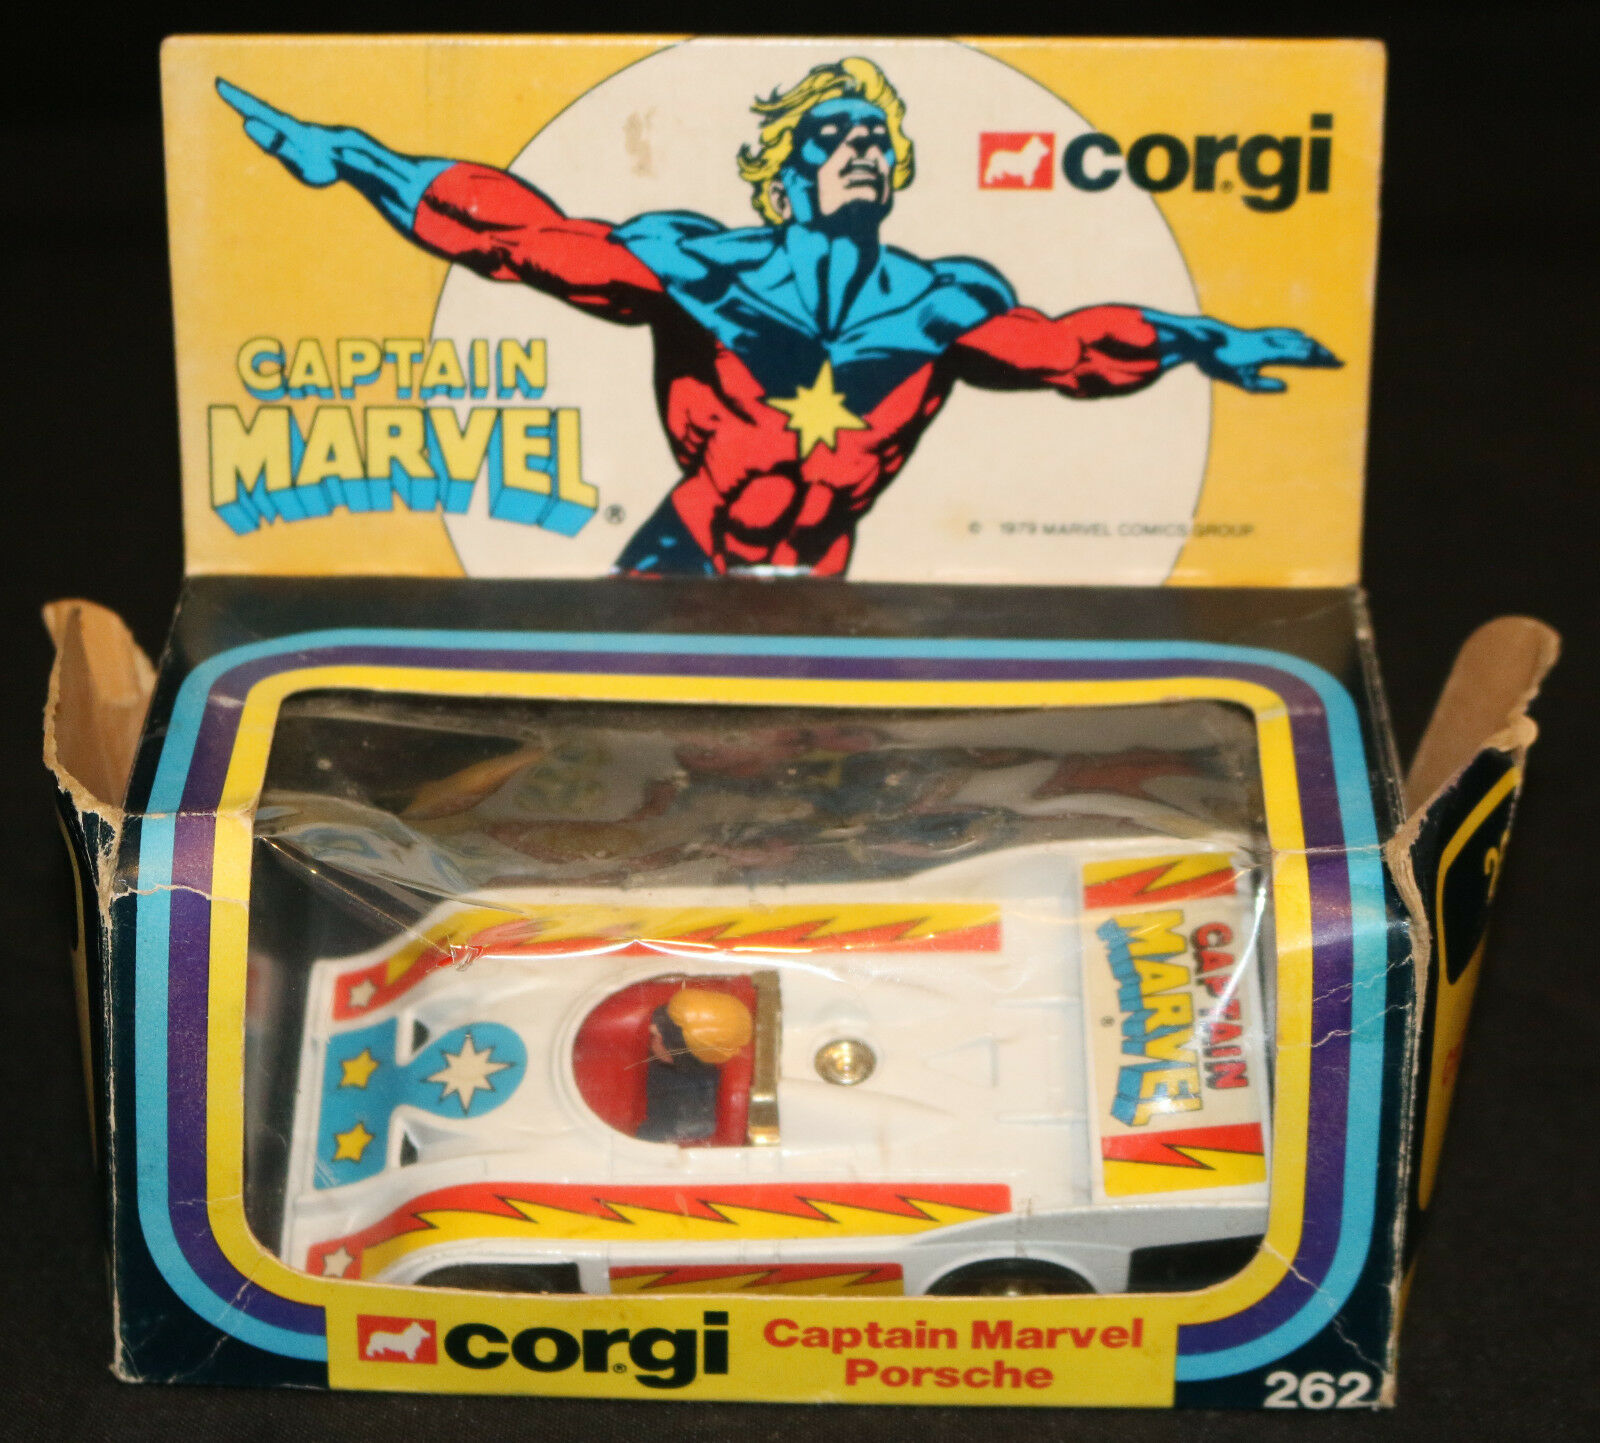 Le Capitaine Marvel Porsche par Corgi Toys  262 (Box  Très Bon Vélo  Comme neuf) 1979